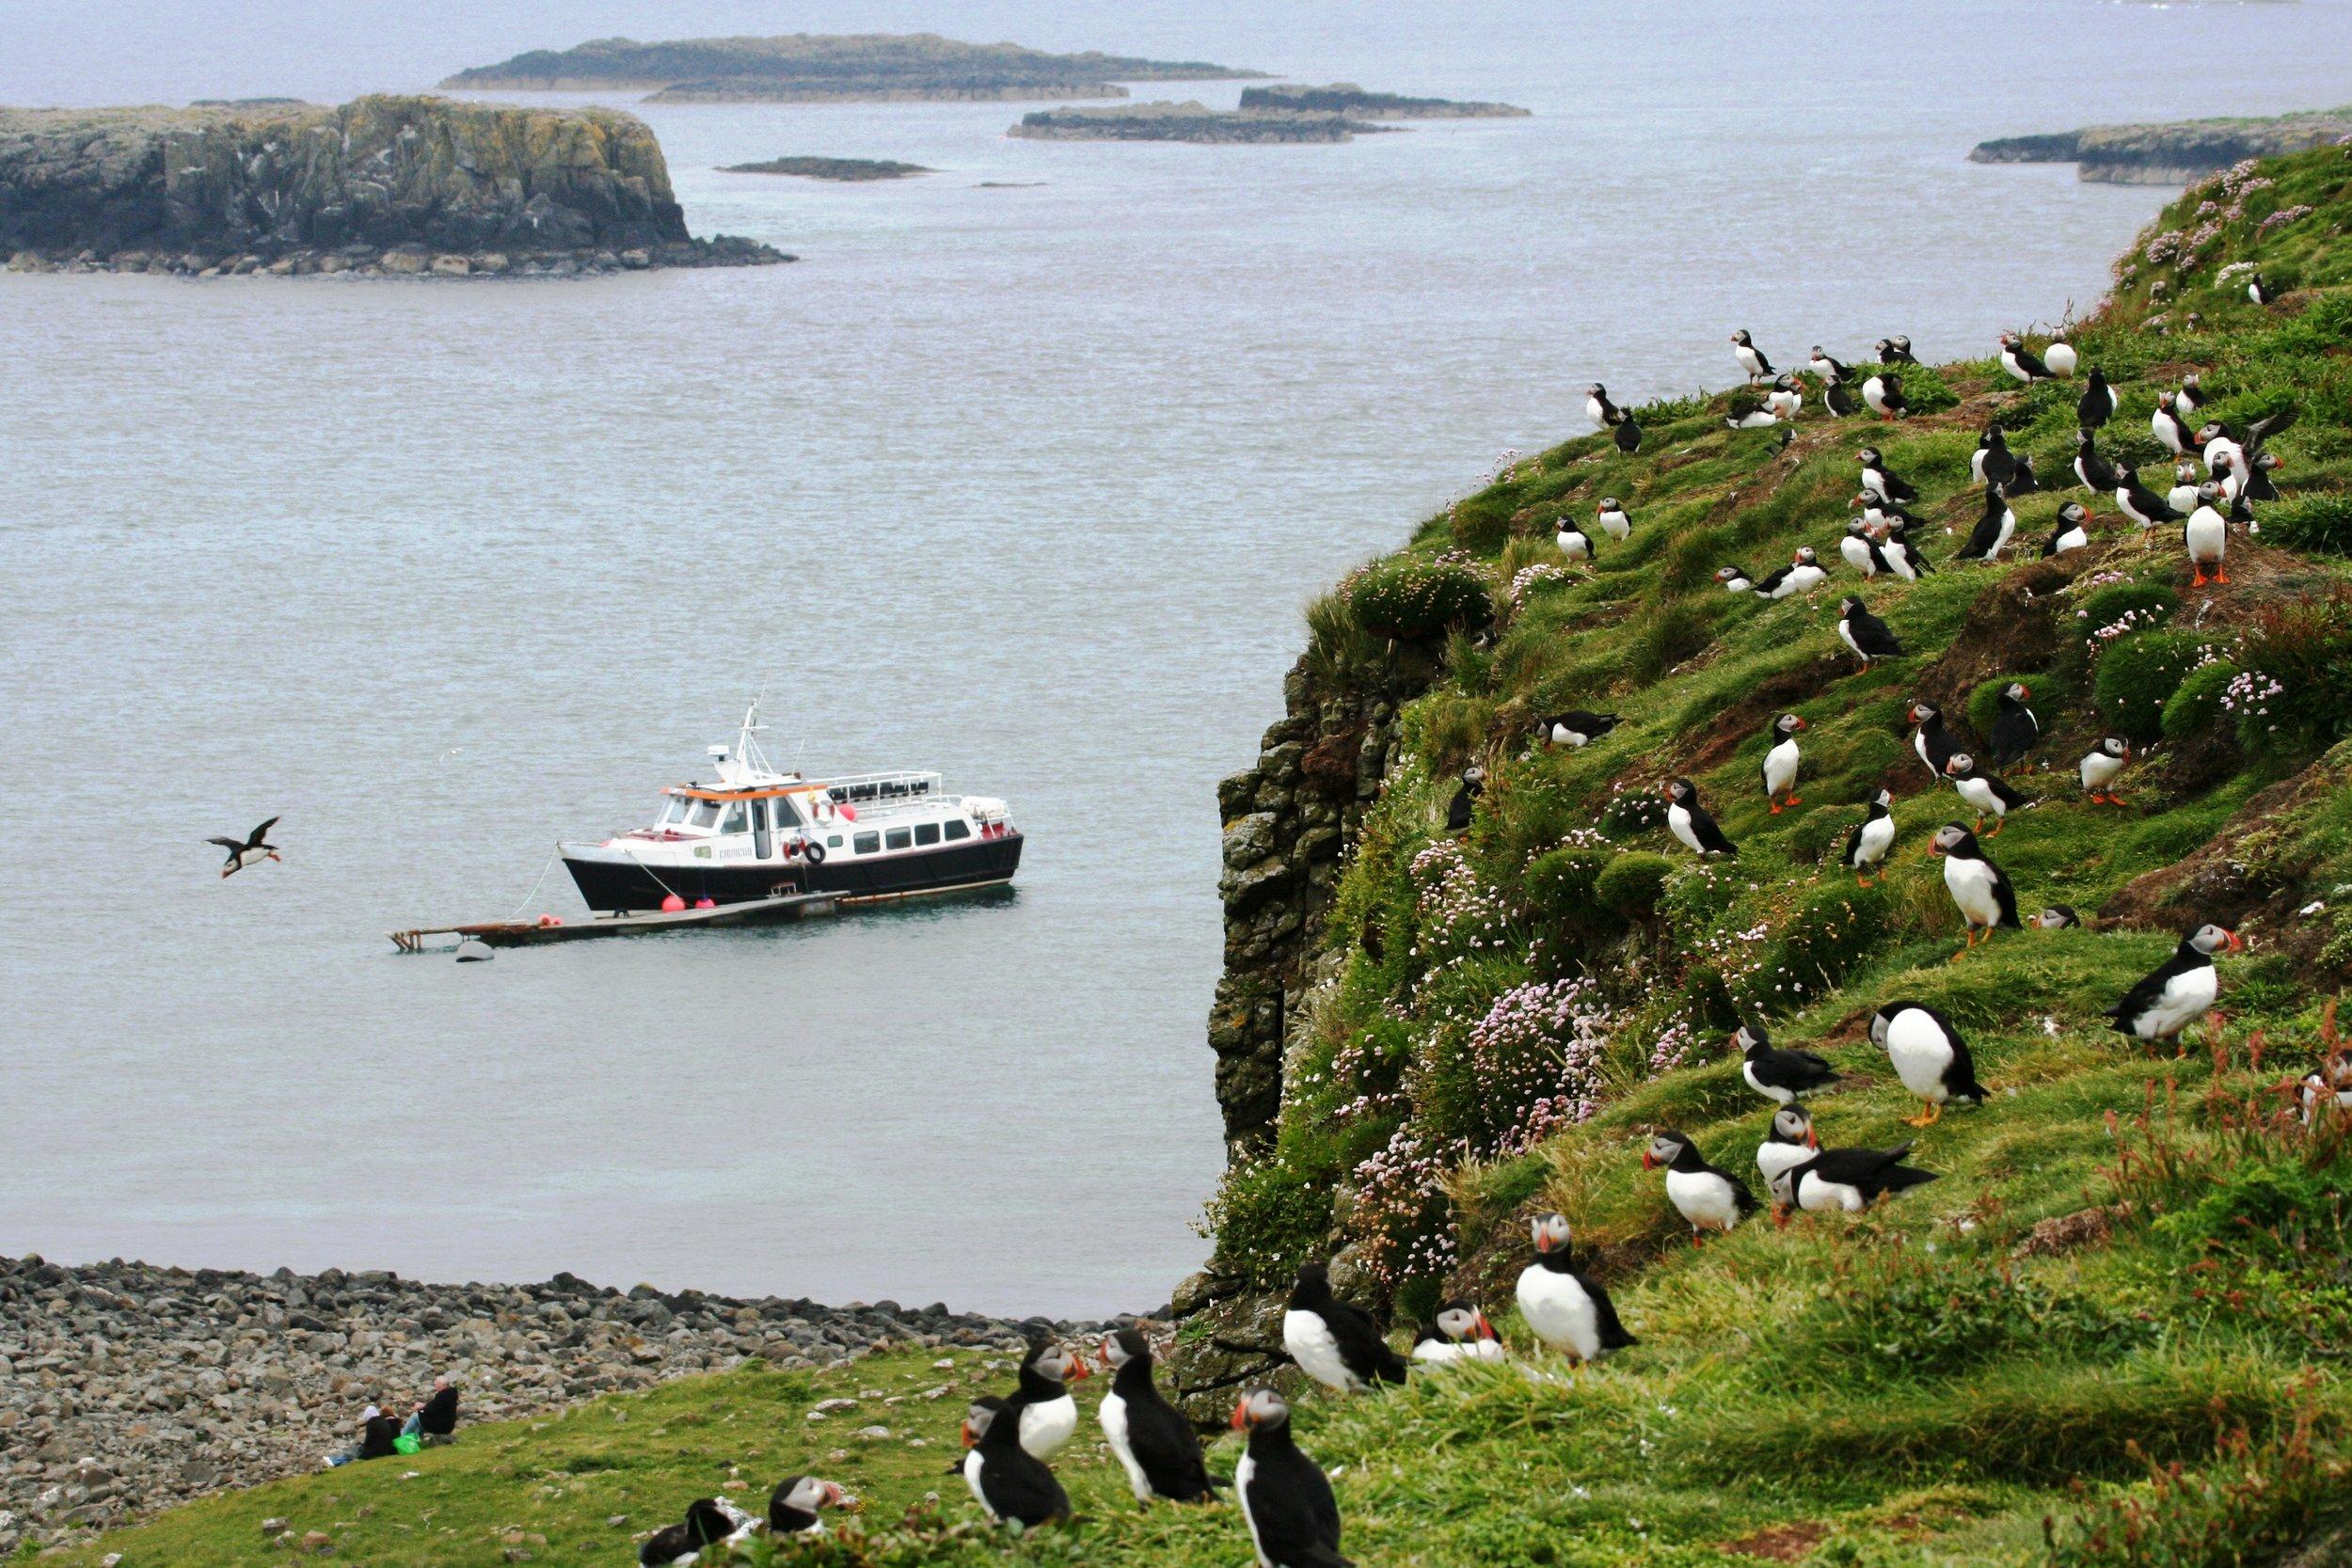 Puffins return each year to the Treshnish Isles to breed. Photo: Turus Mara